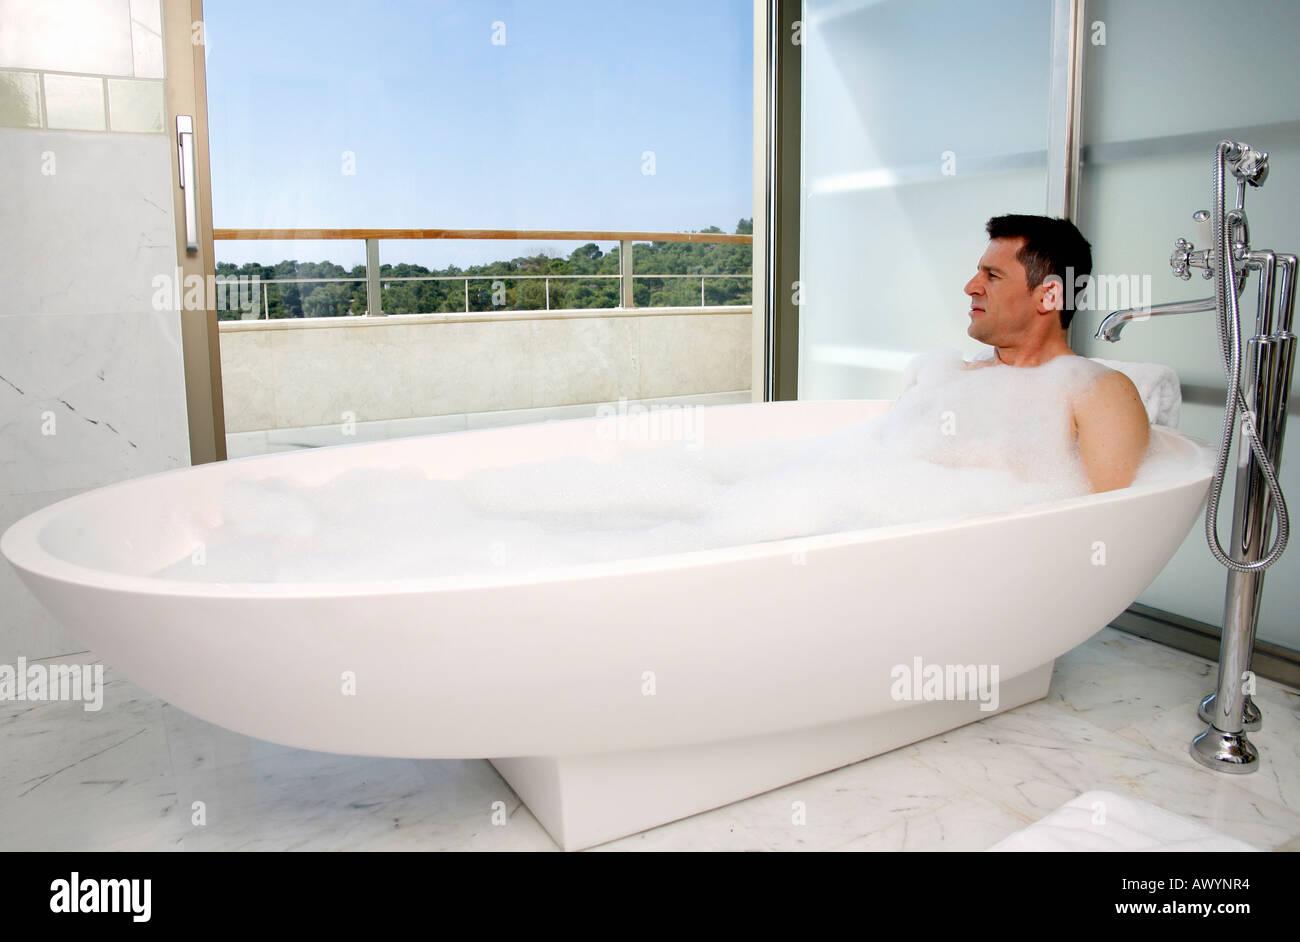 Vasca Da Bagno Relax : Uomo relax nella vasca da bagno con bolle foto & immagine stock